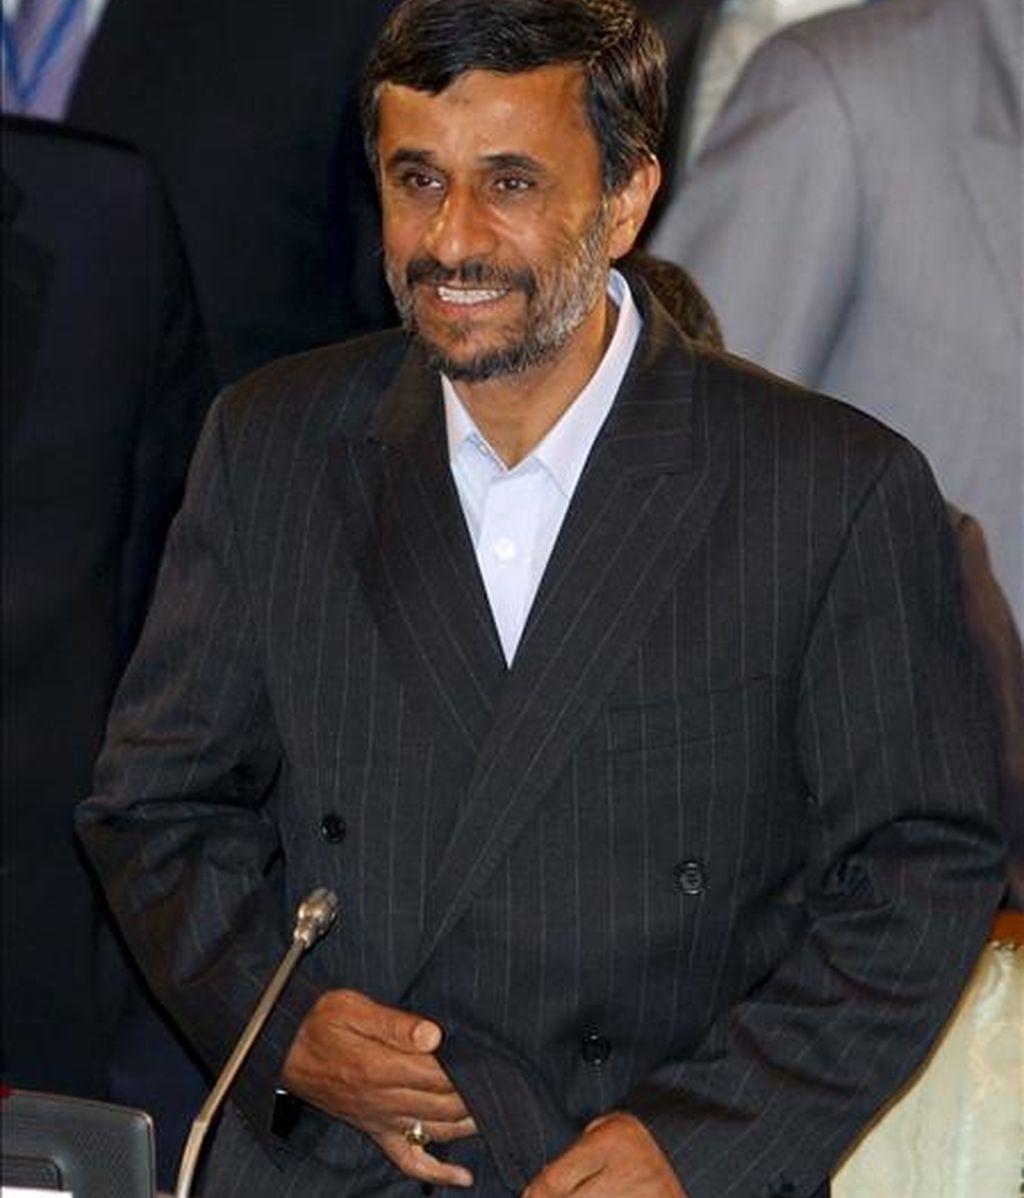 El presidente de Irán, Mahmud Ahmadineyad. EFE/Archivo